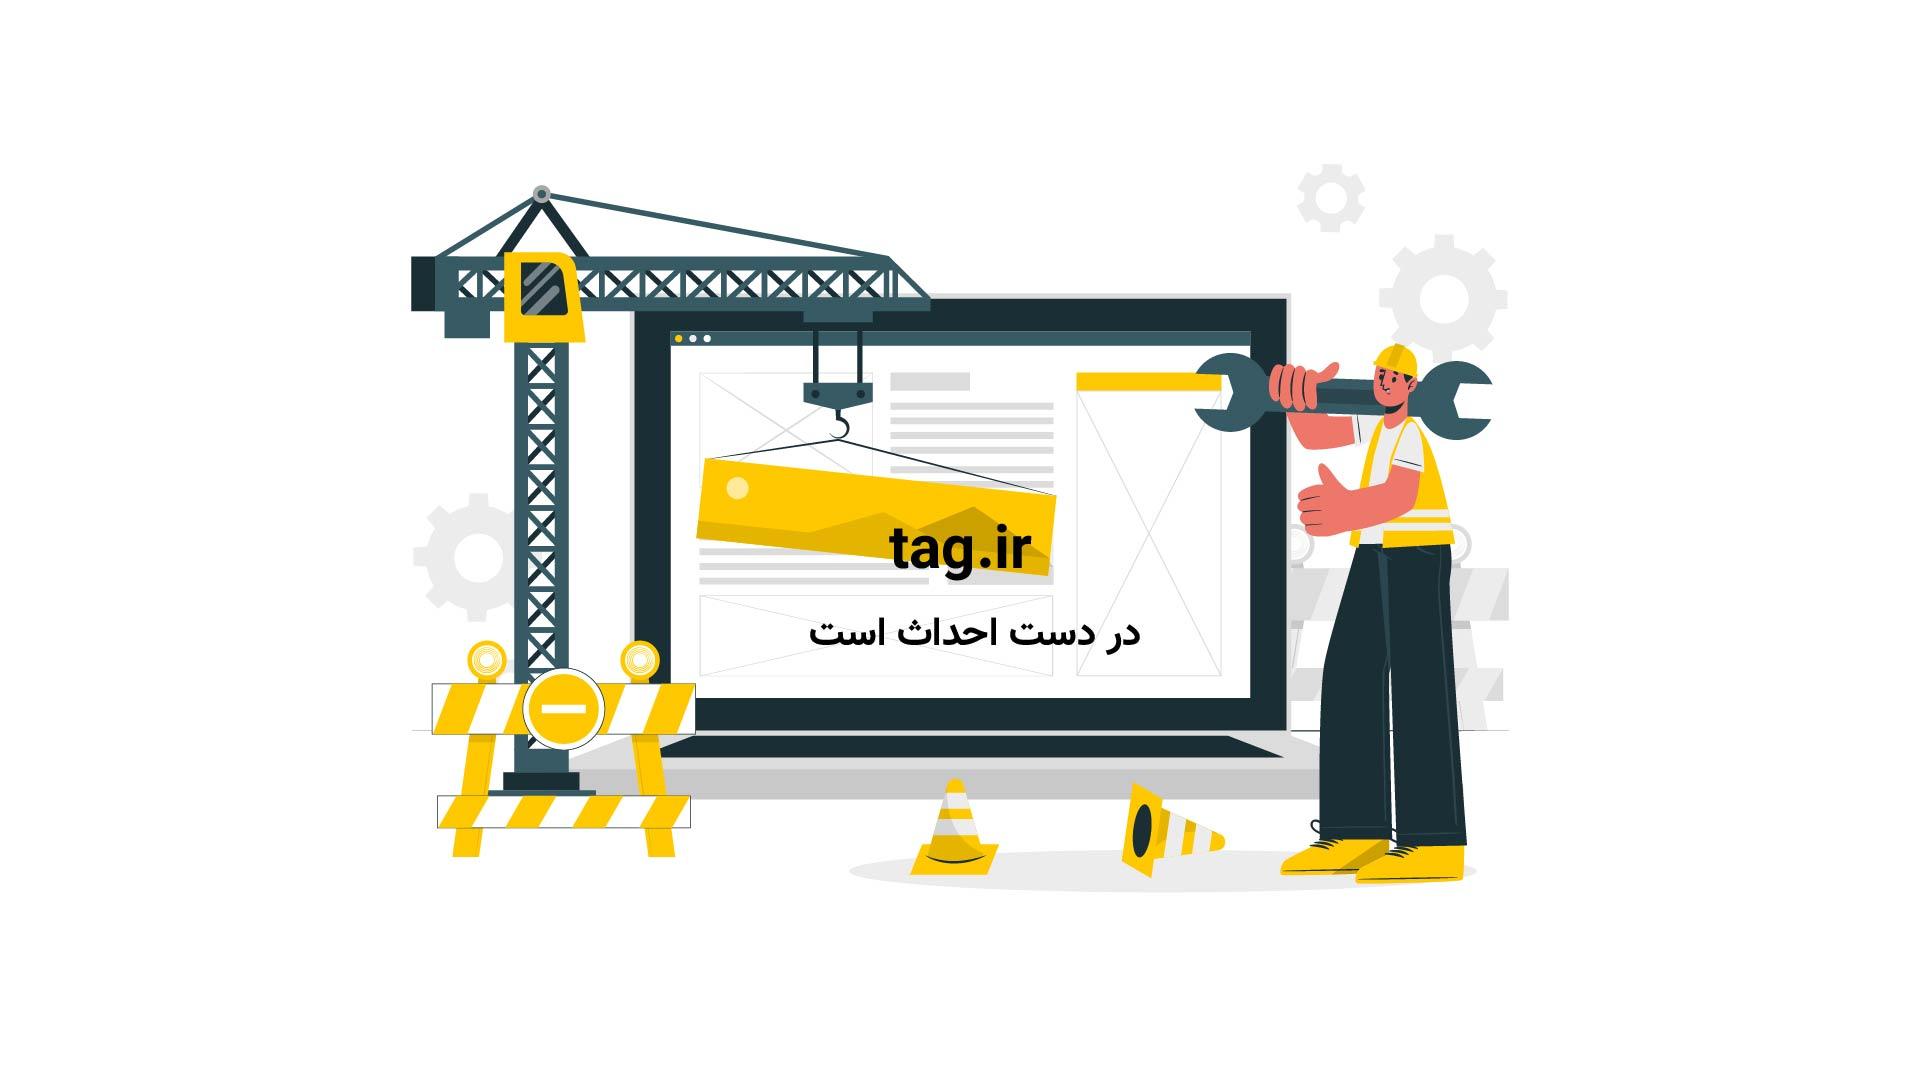 آبشار لاتون | تگ